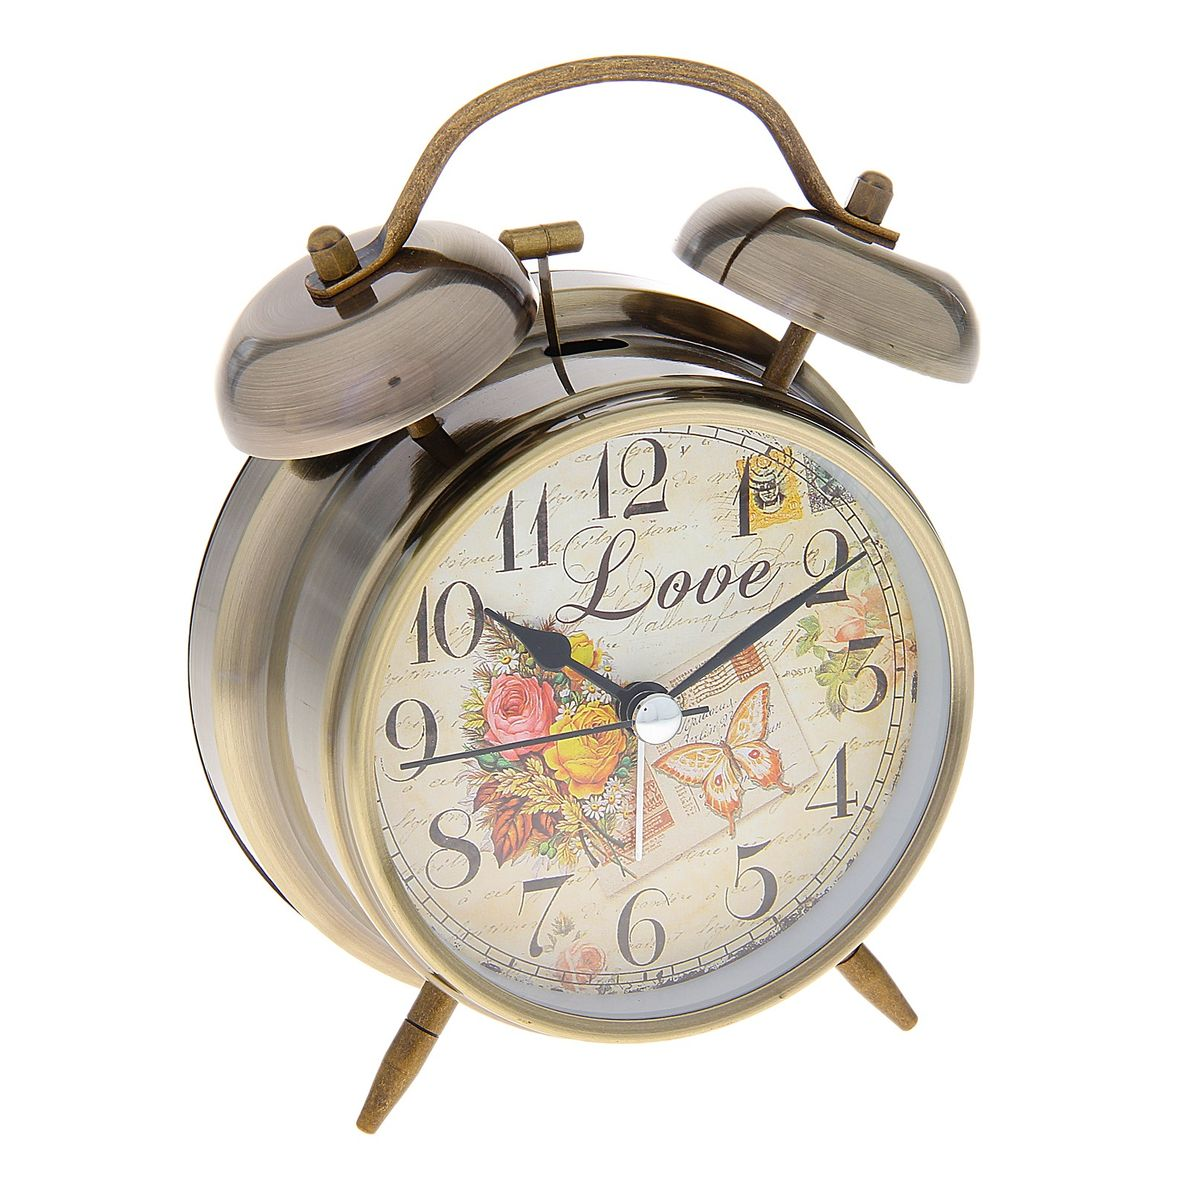 Часы-будильник Sima-land. 720859179036Как же сложно иногда вставать вовремя! Всегда так хочется поспать еще хотя бы 5 минут и бывает, что мы просыпаем. Теперь этого не случится! Яркий, оригинальный будильник Sima-land поможет вам всегда вставать в нужное время и успевать везде и всюду. Время показывает точно и будит в установленный час. Будильник украсит вашу комнату и приведет в восхищение друзей. На задней панели будильника расположены переключатель включения/выключения механизма и два колесика для настройки текущего времени и времени звонка будильника. Также будильник оснащен кнопкой, при нажатии и удержании которой, подсвечивается циферблат.Будильник работает от 2 батареек типа AA напряжением 1,5V (не входят в комплект).